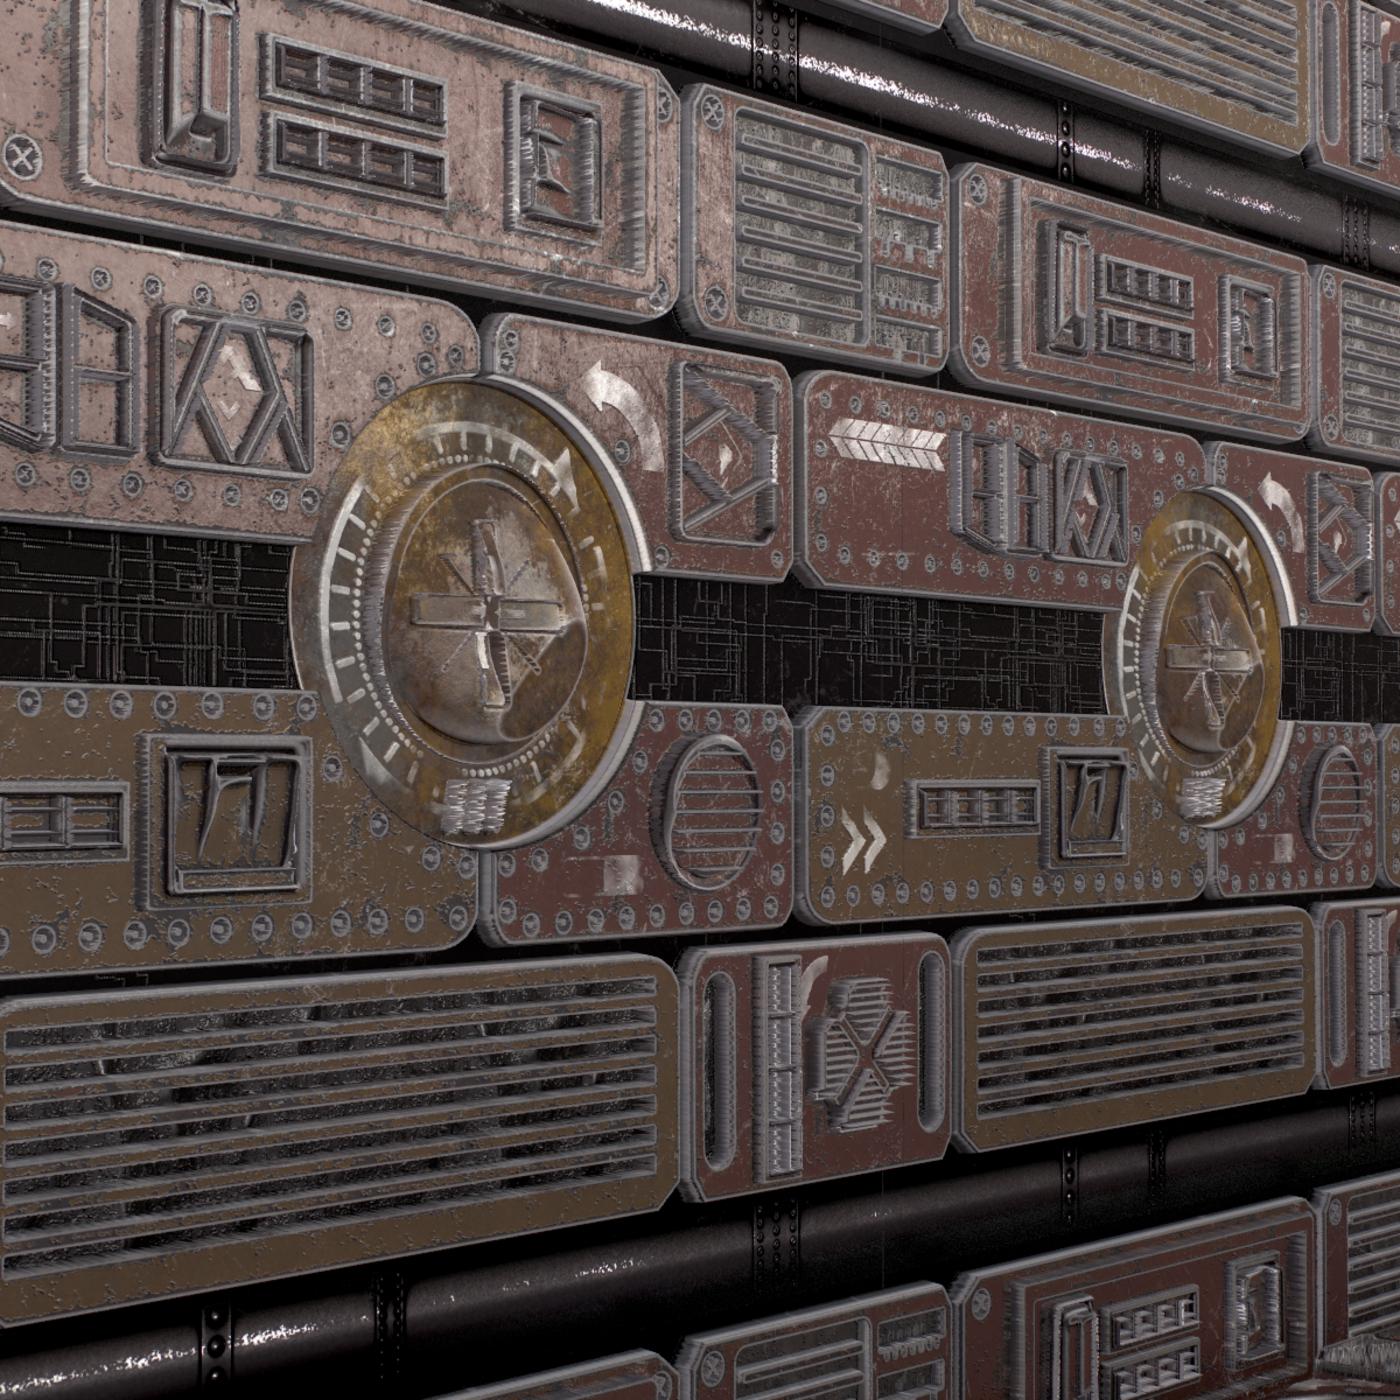 Sci-Fi seamless textures